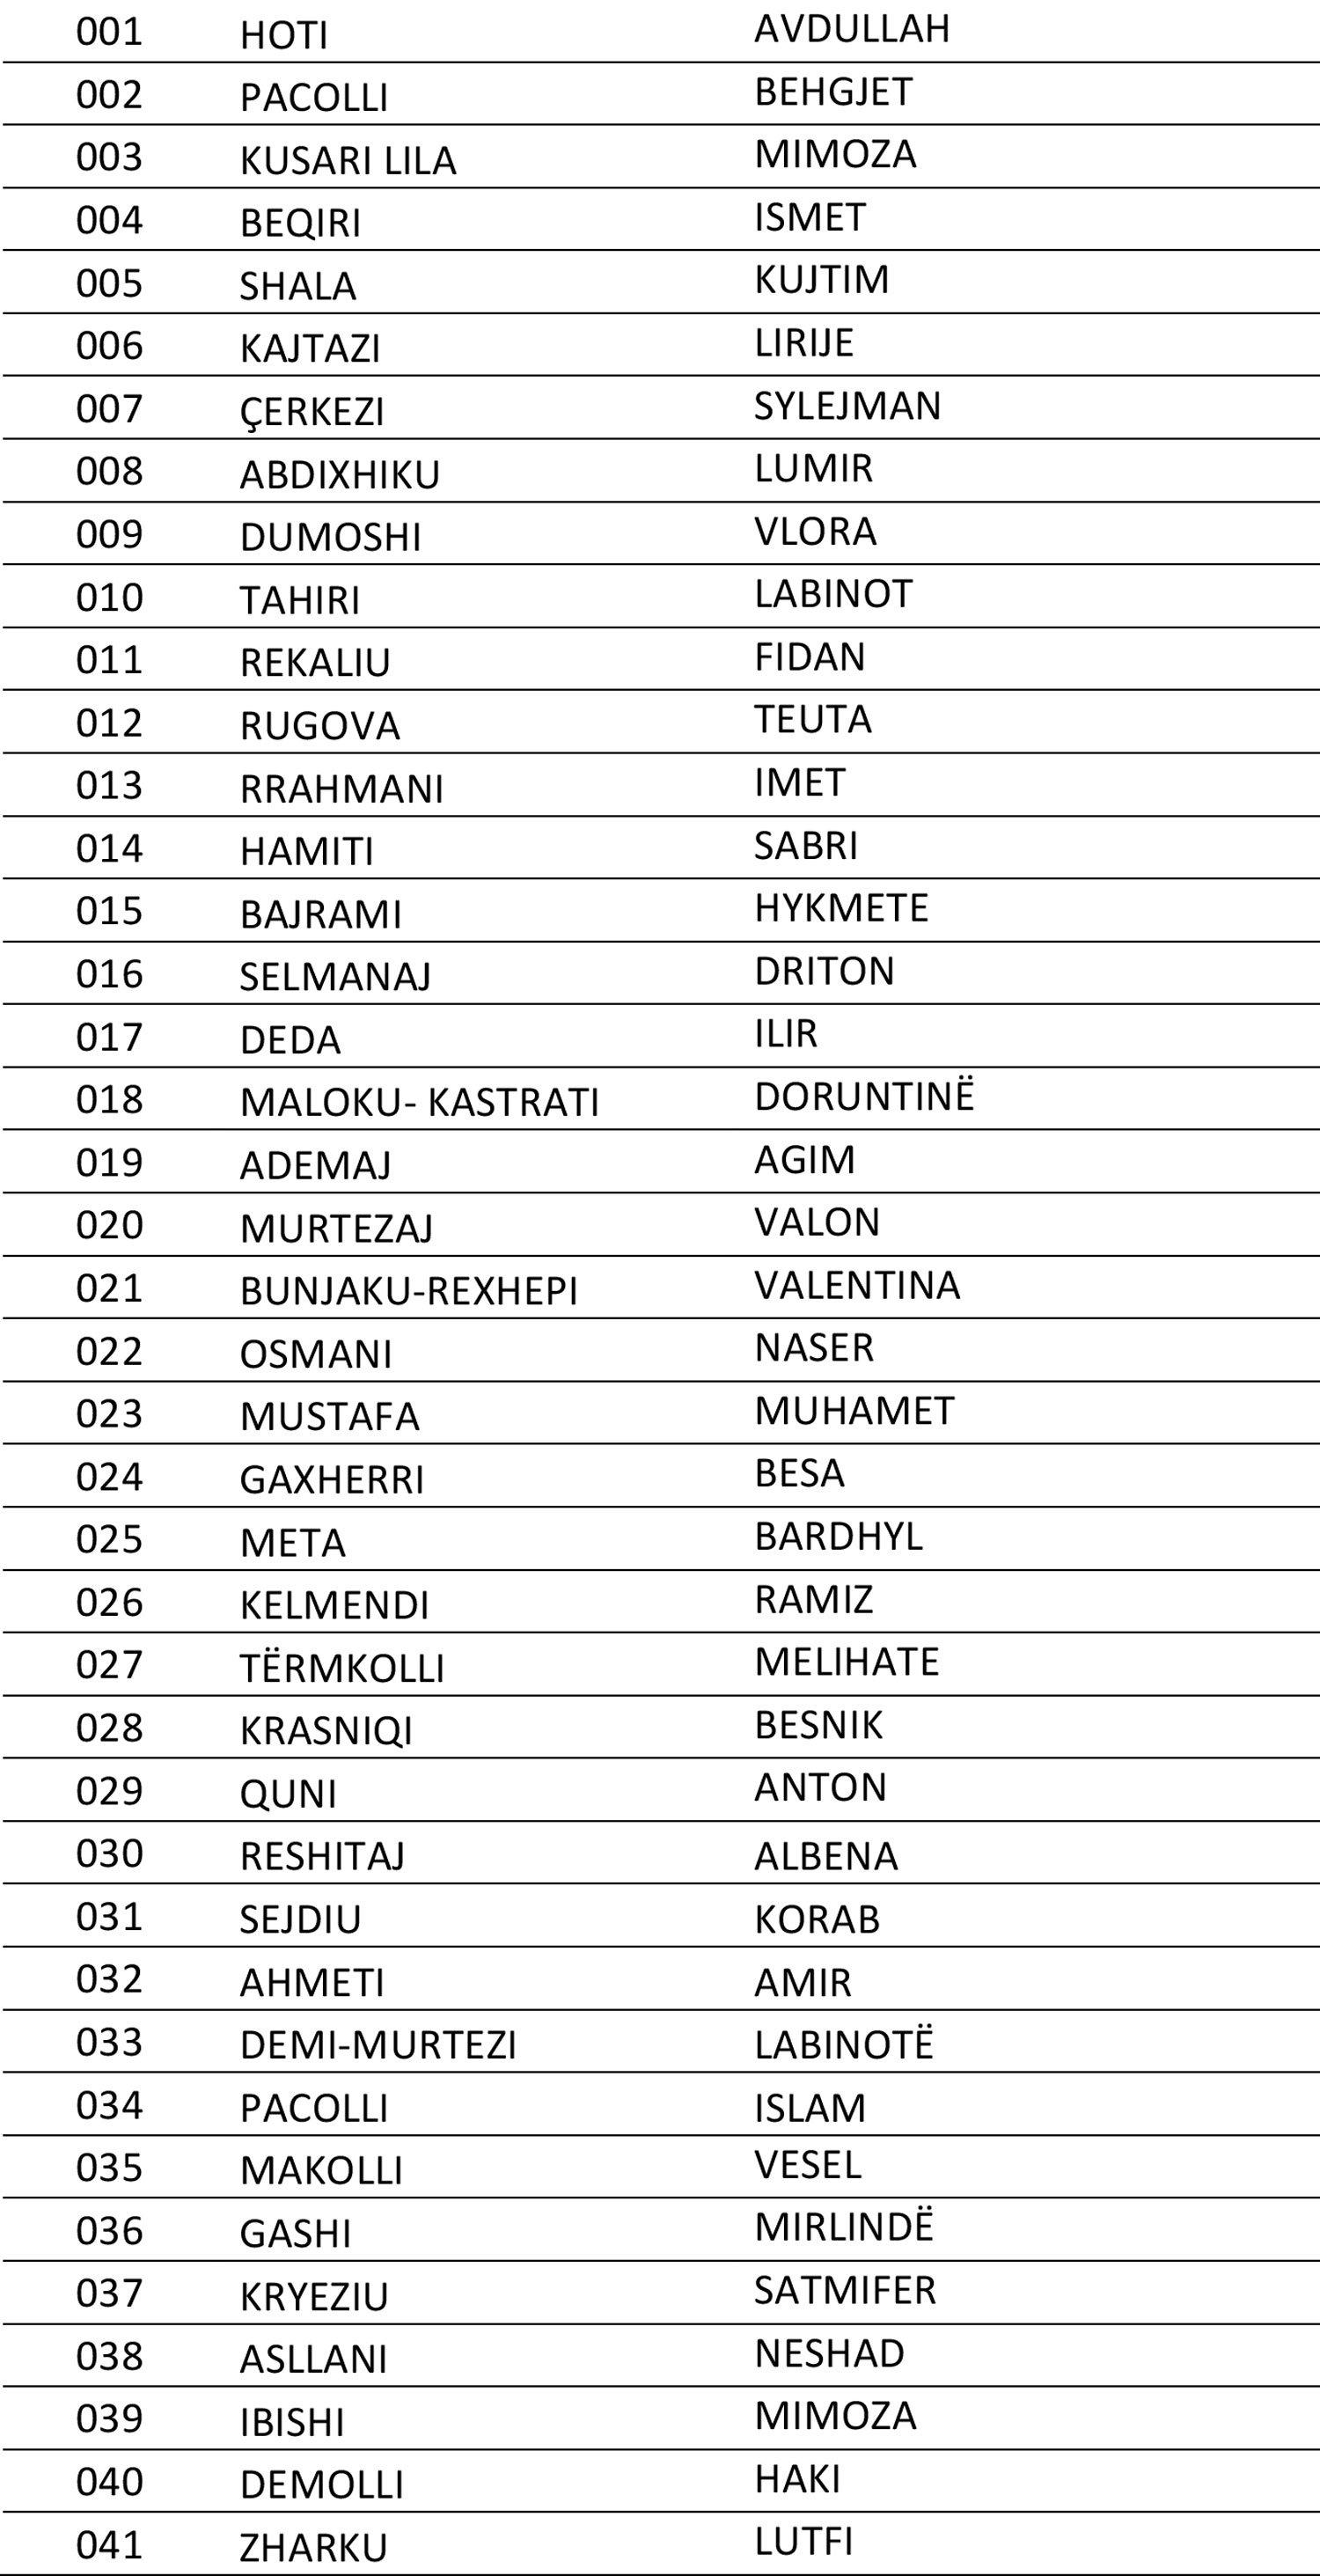 Këta janë kandidatët për deputetë të LDK-AKR-së dhe